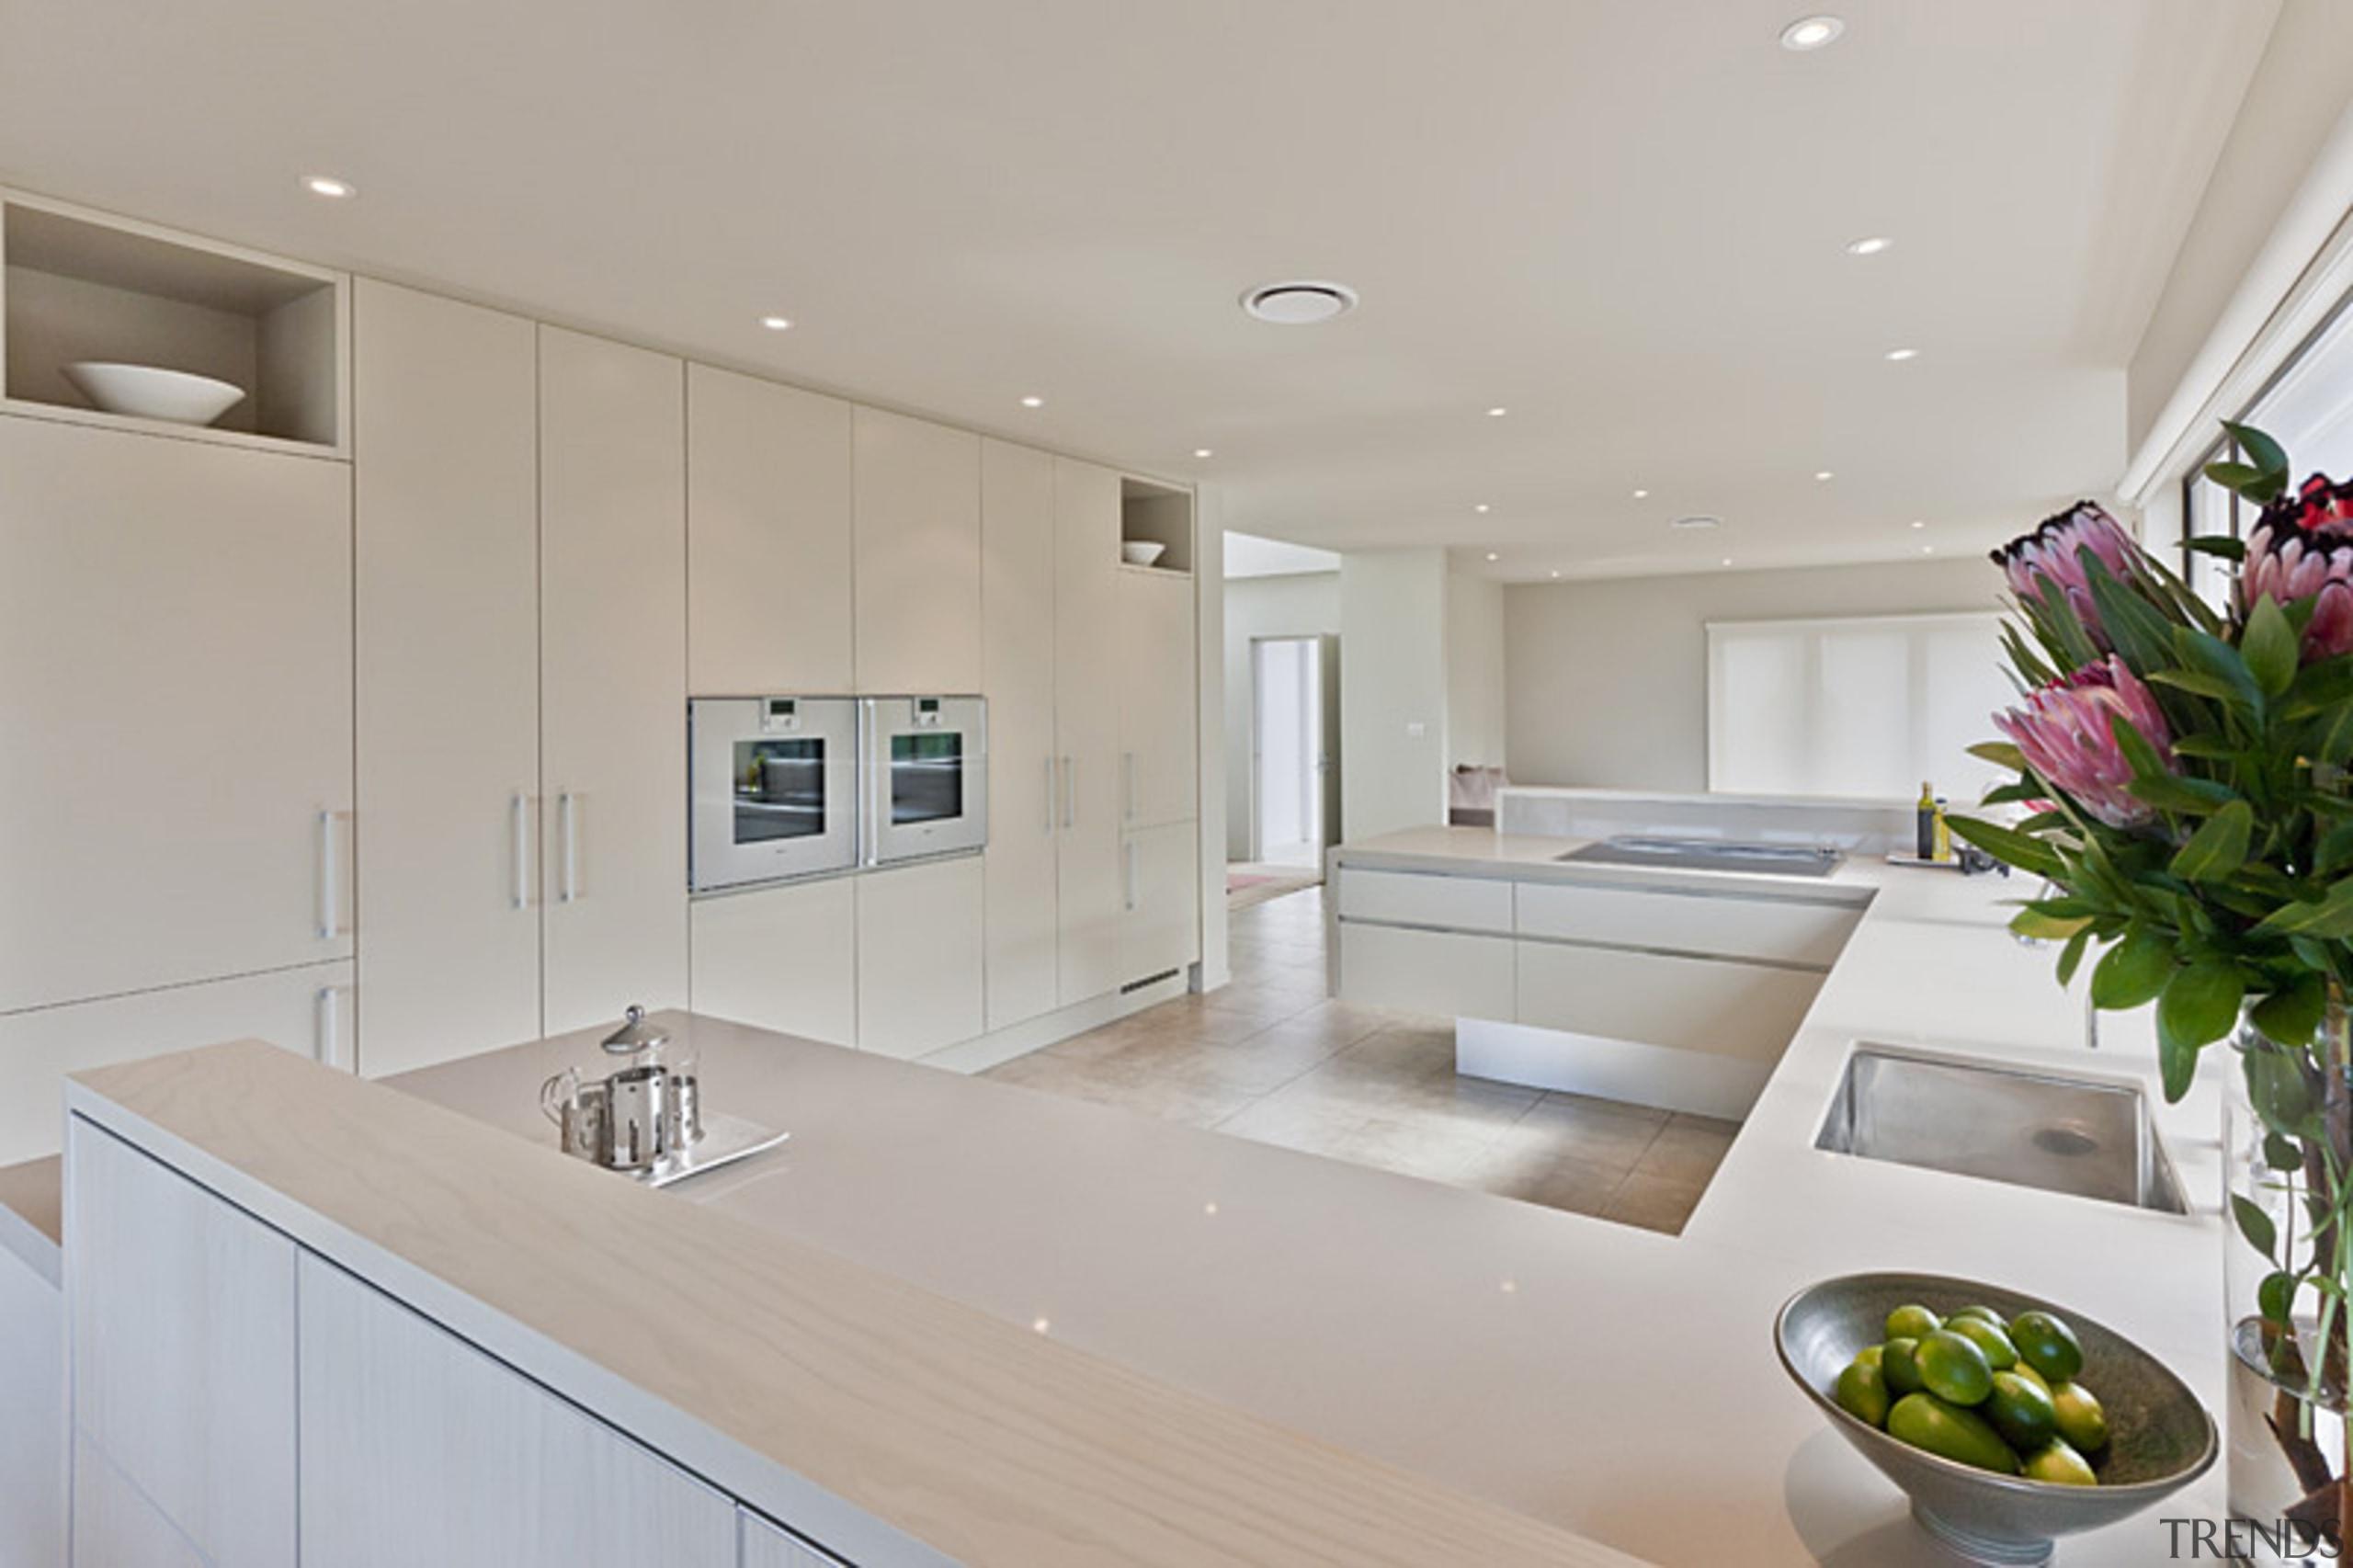 Pauanui - countertop   interior design   kitchen countertop, interior design, kitchen, property, real estate, gray